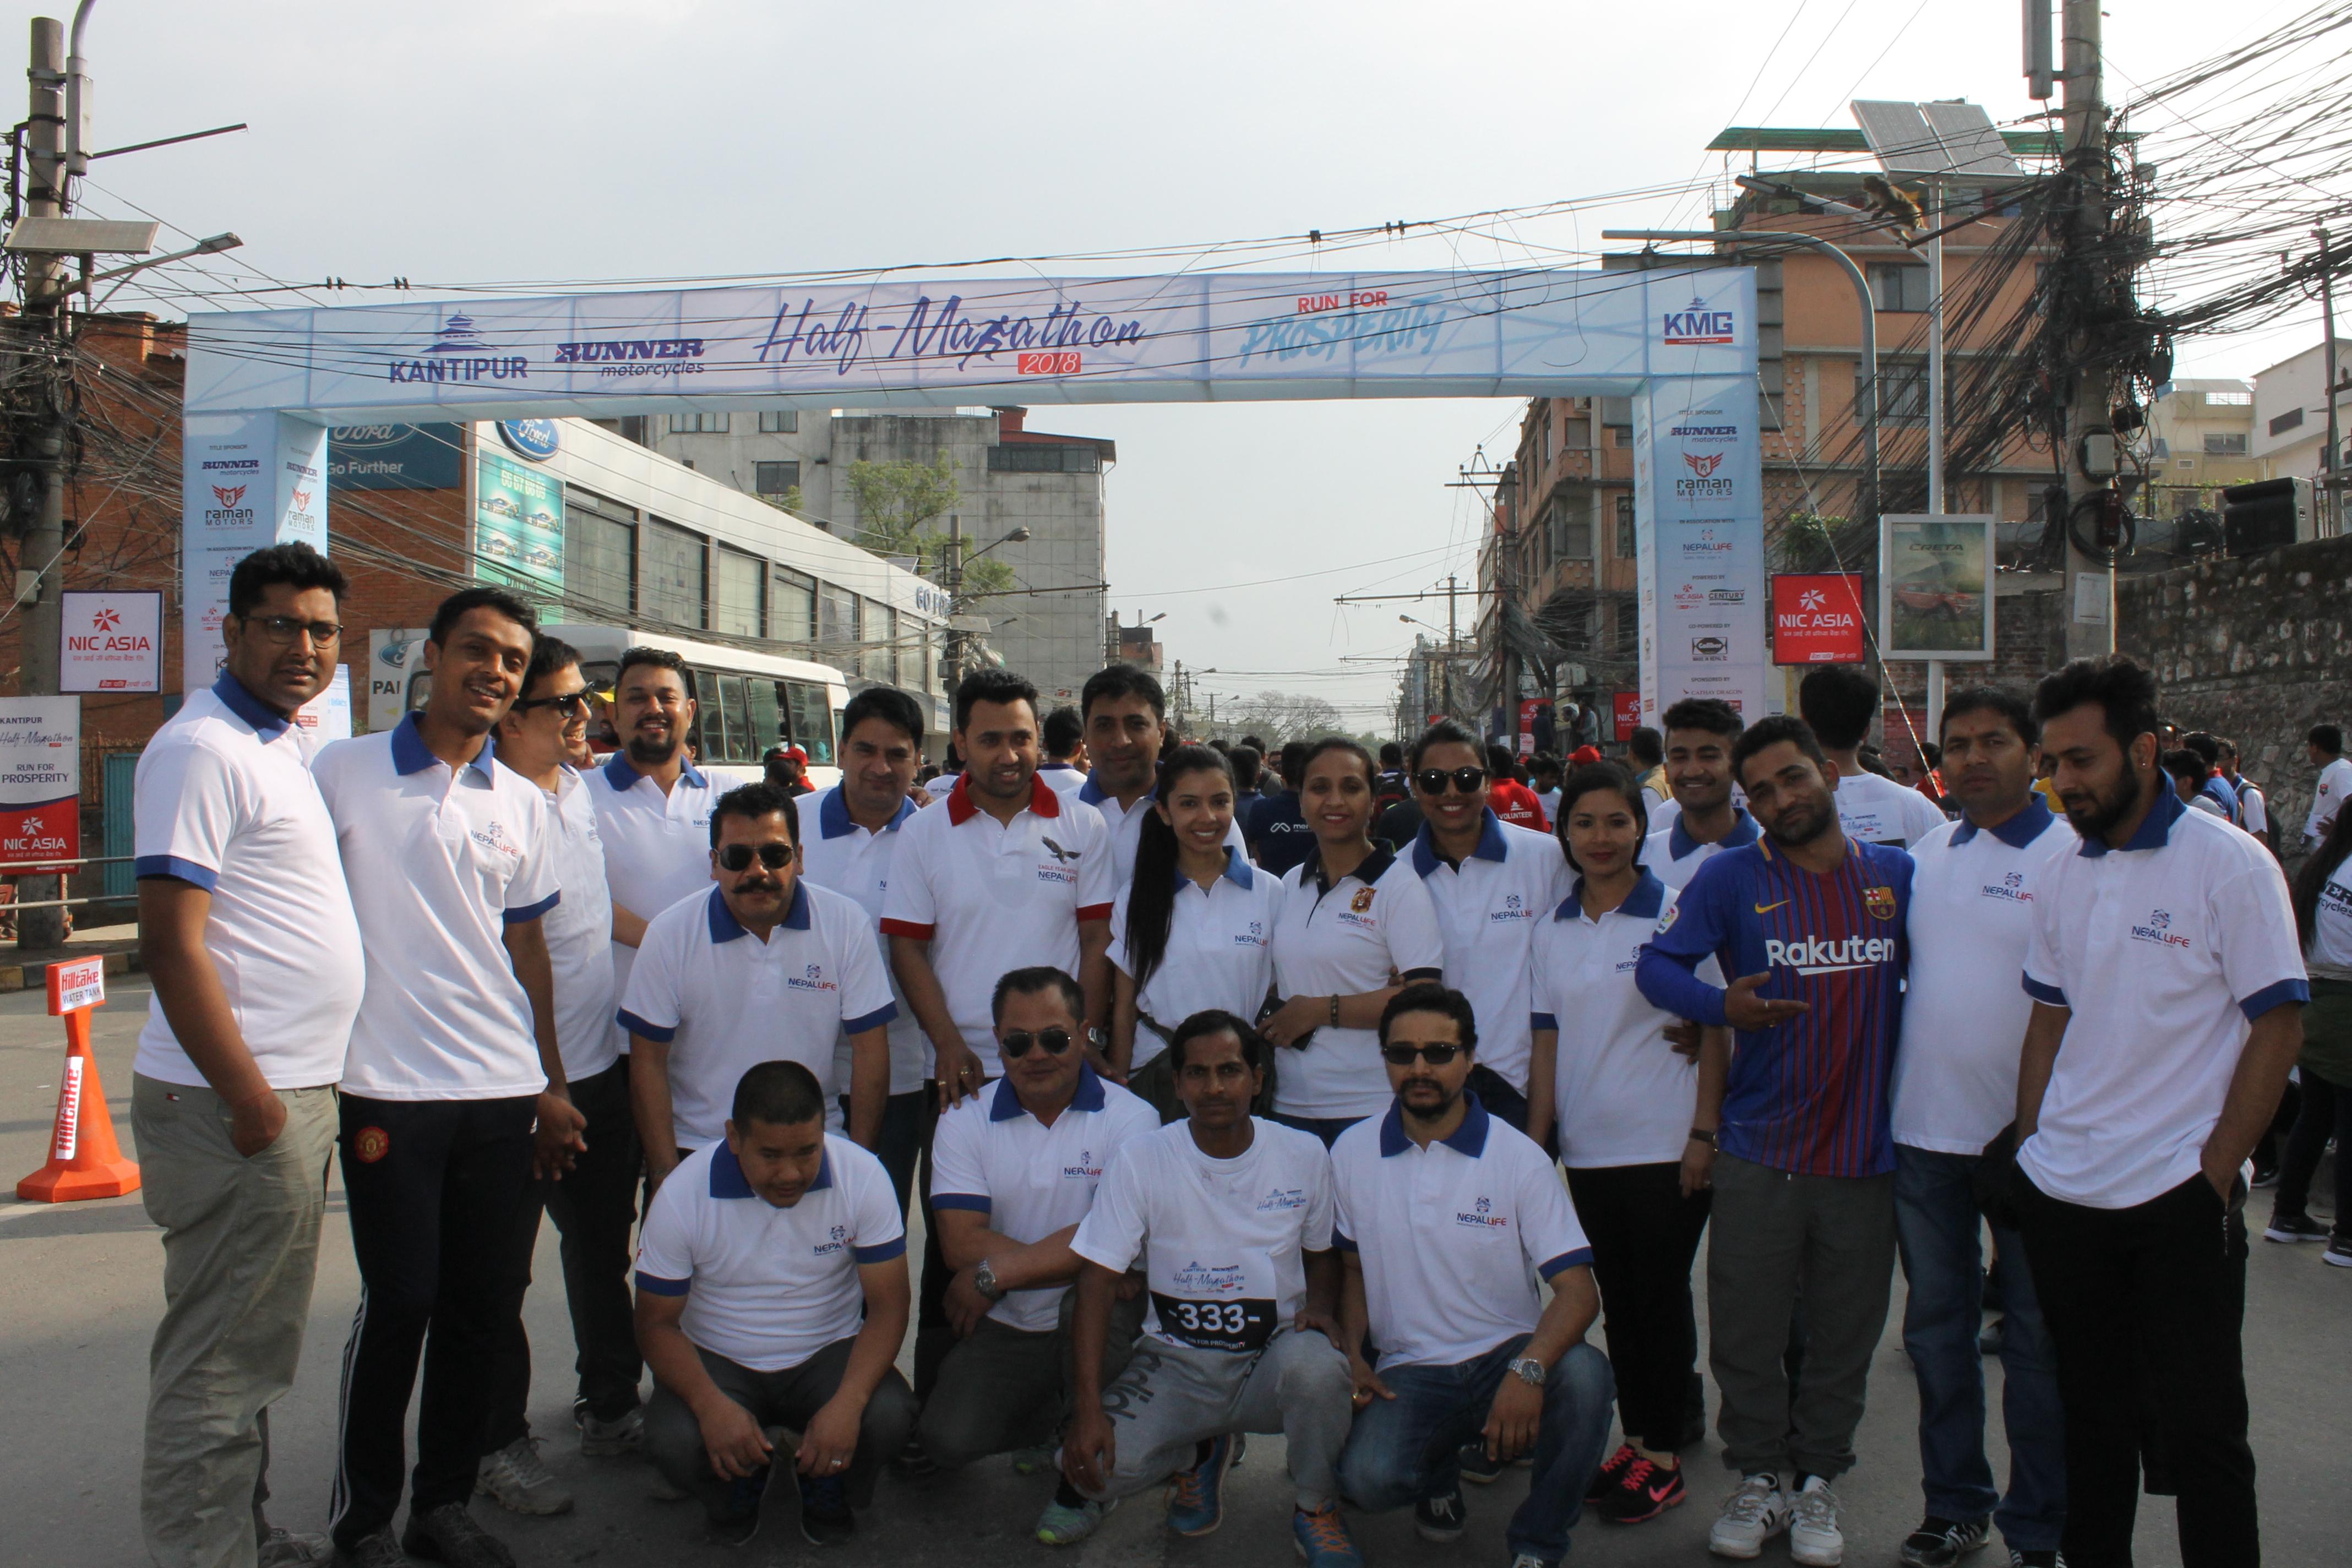 Kantipur Half Marathon